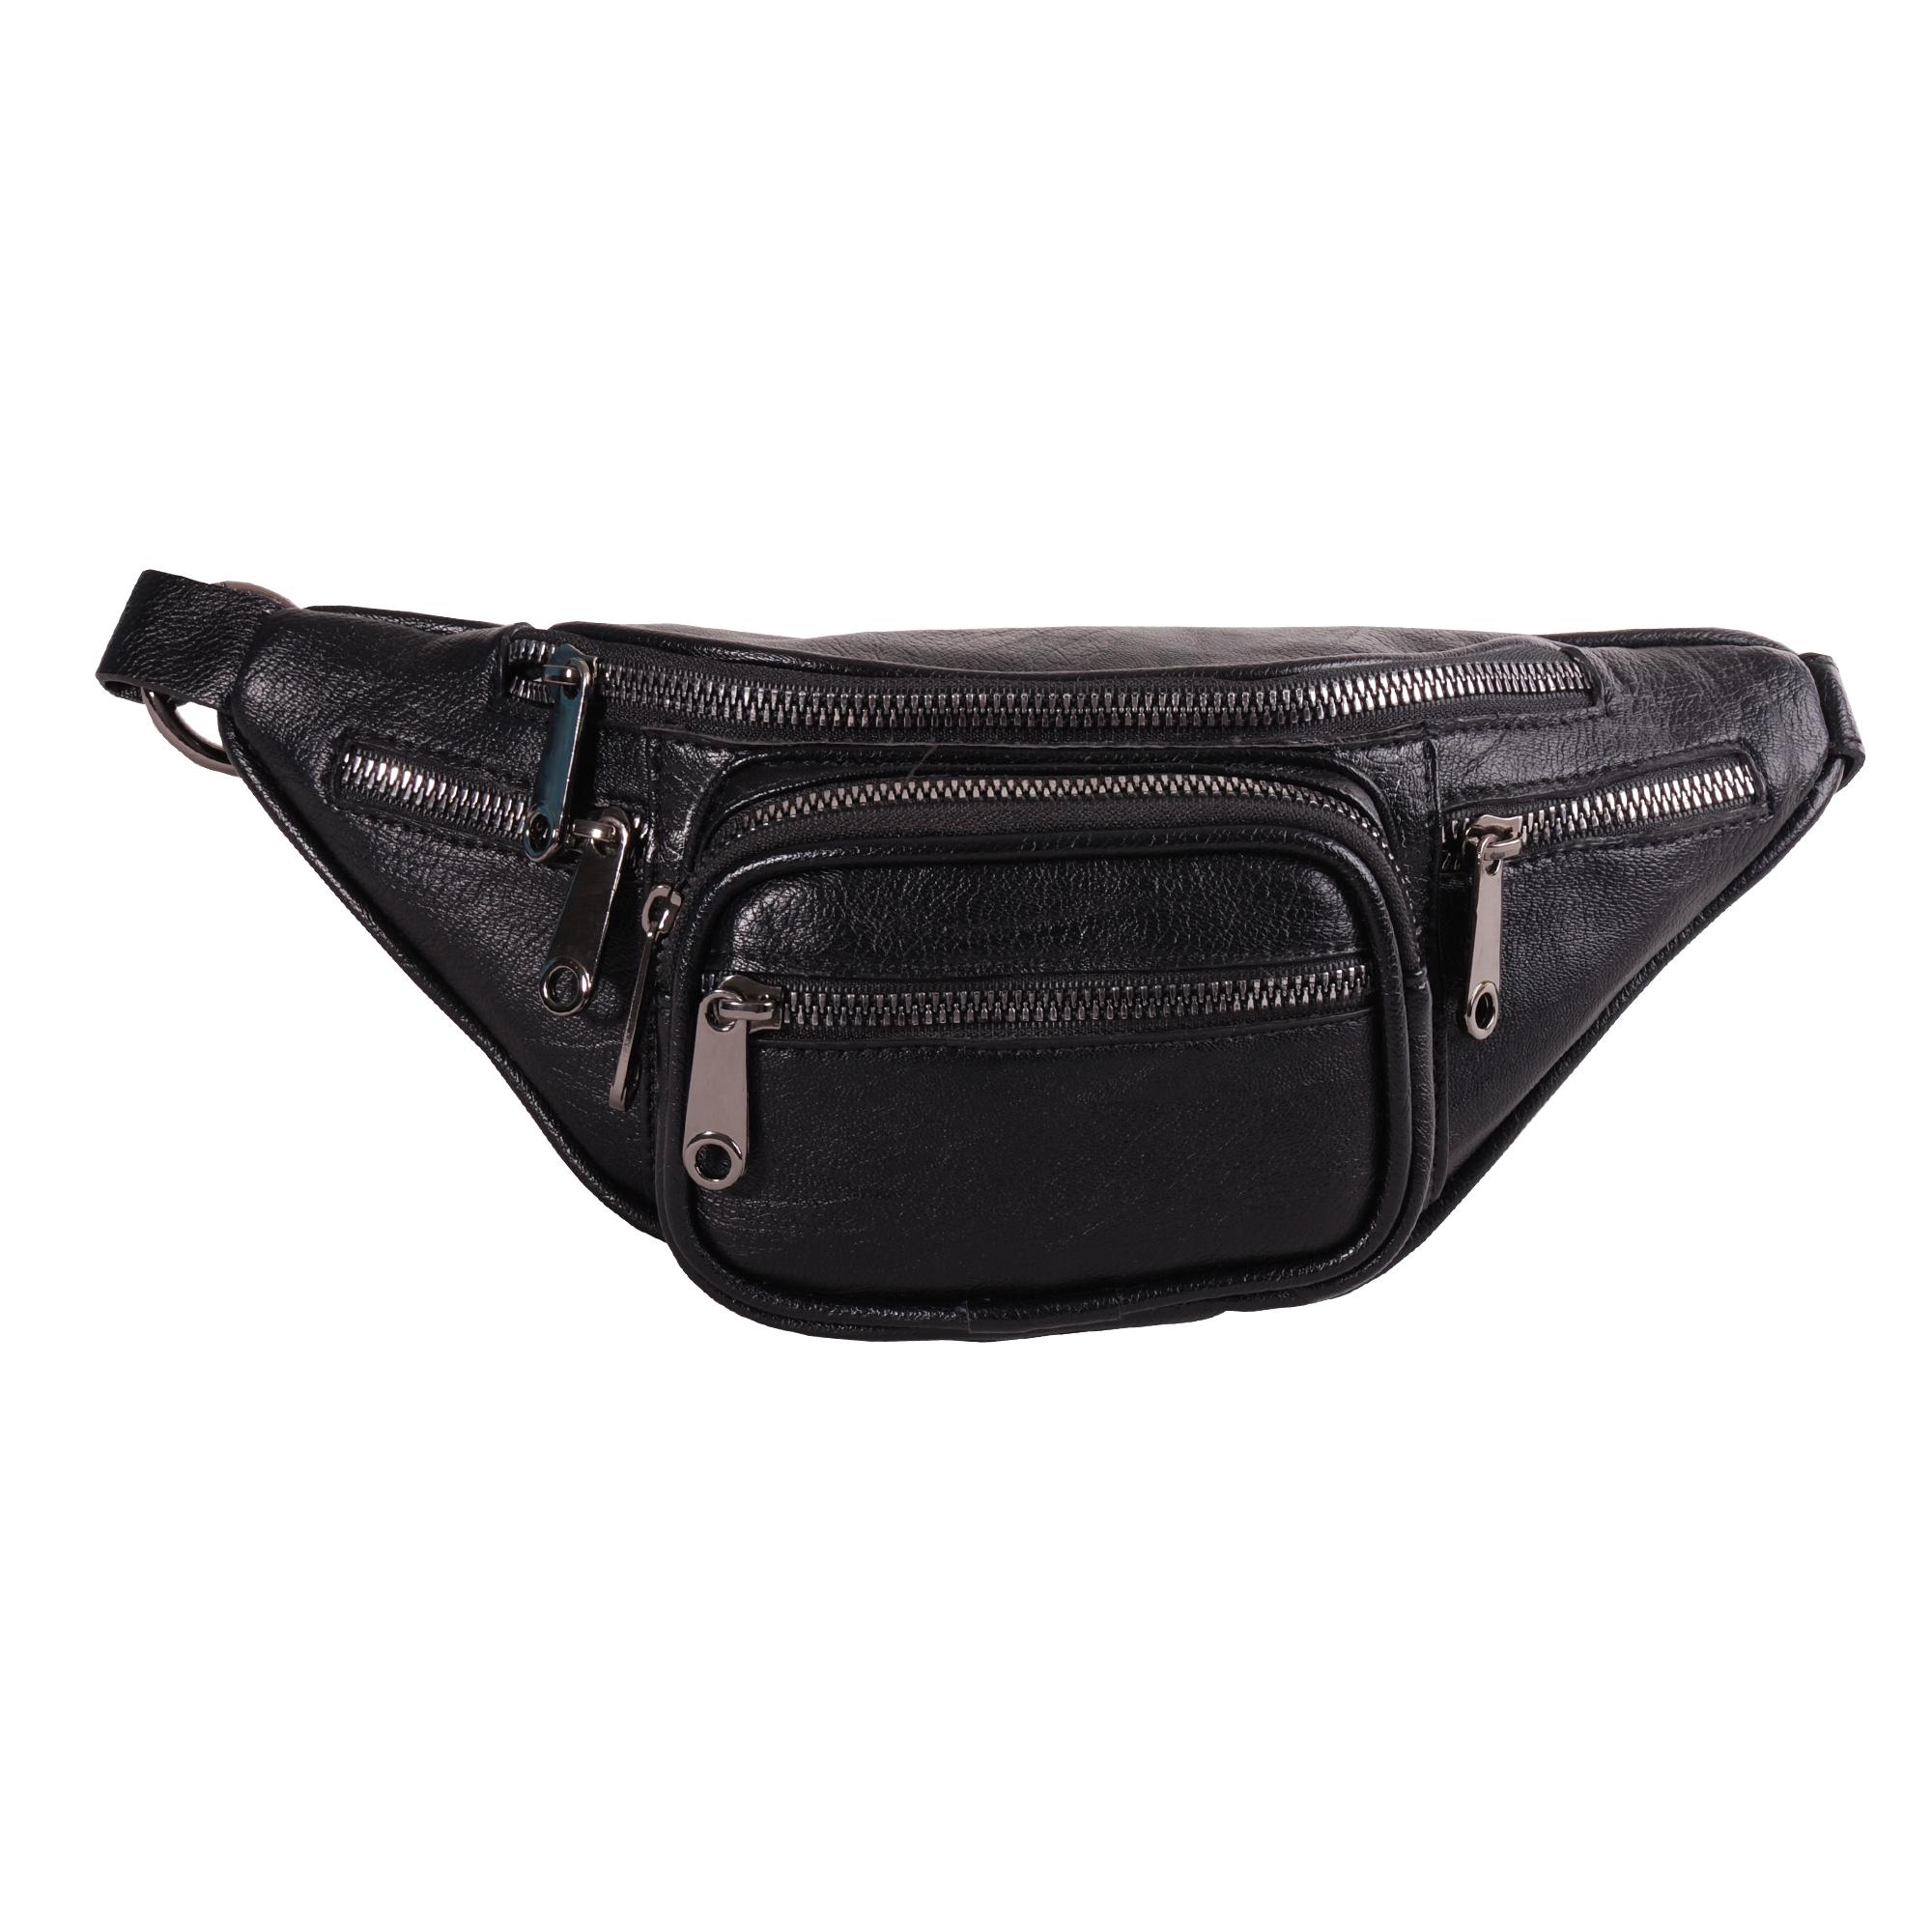 کیف کمری زنانه شیلر مدل 3006